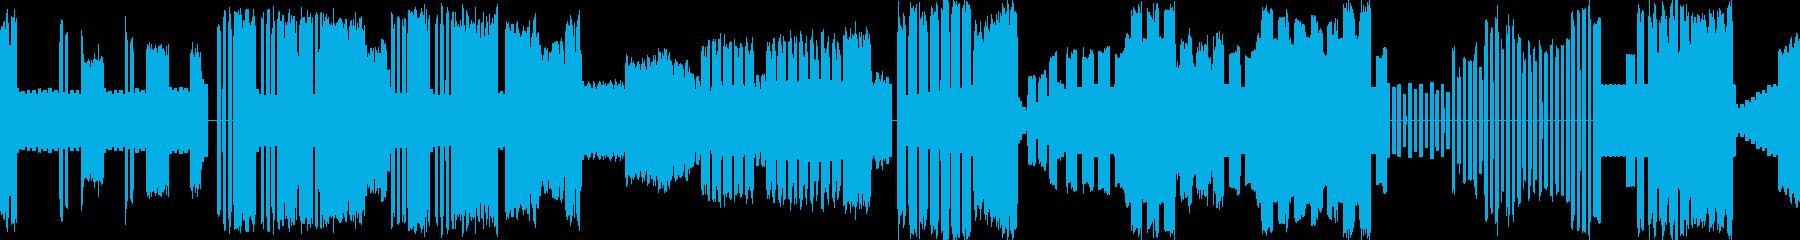 8bit・ループ・RPG・ラスボス戦闘の再生済みの波形